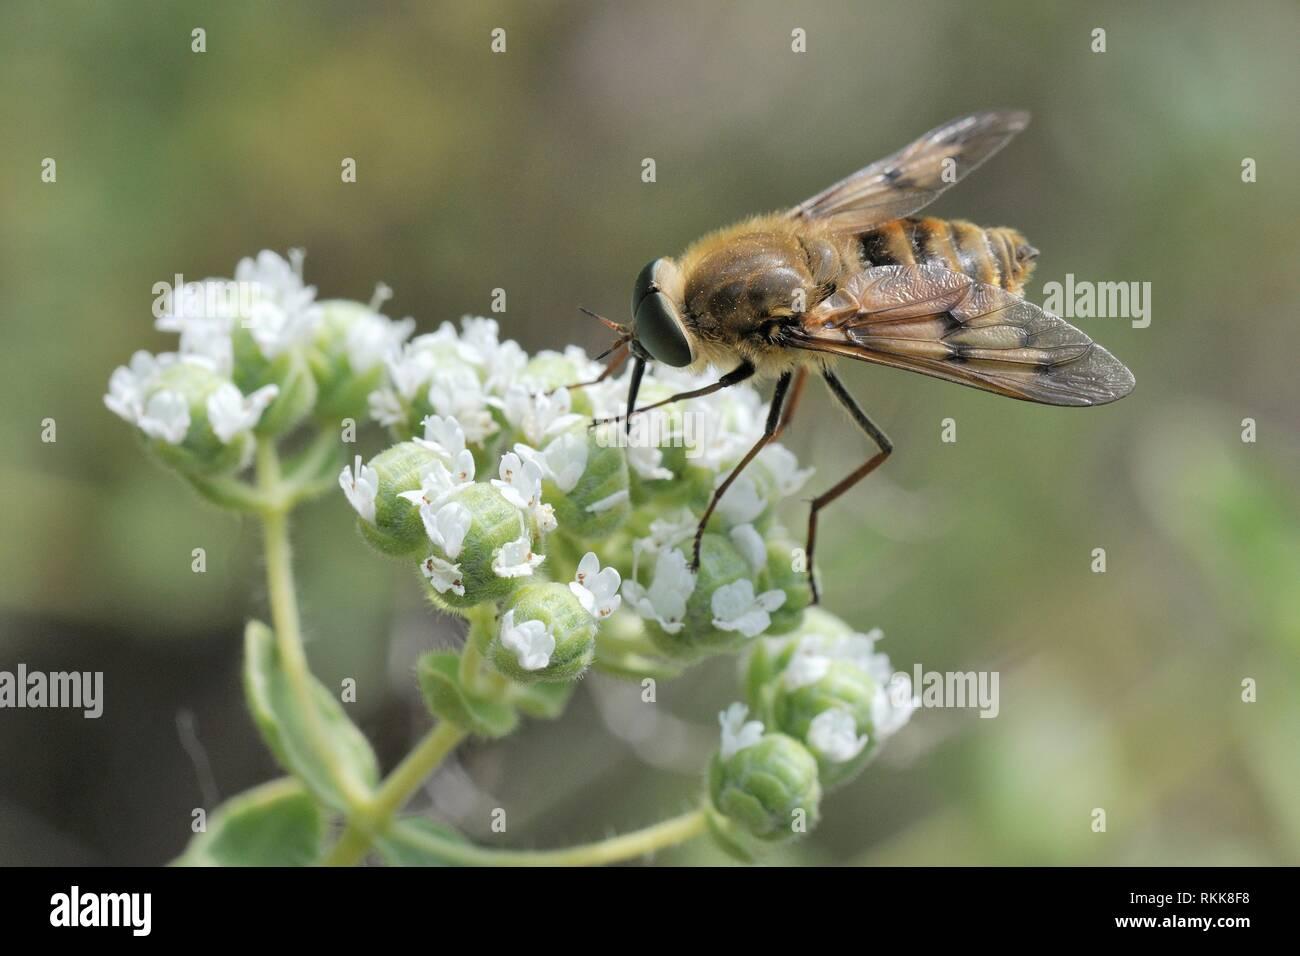 Un néctar estrictamente materna especies de mosca (Caballo Pangonius pyritosus) con una muy larga probóscide forrajeando en orégano (Origanum onites cretense) flores, Foto de stock